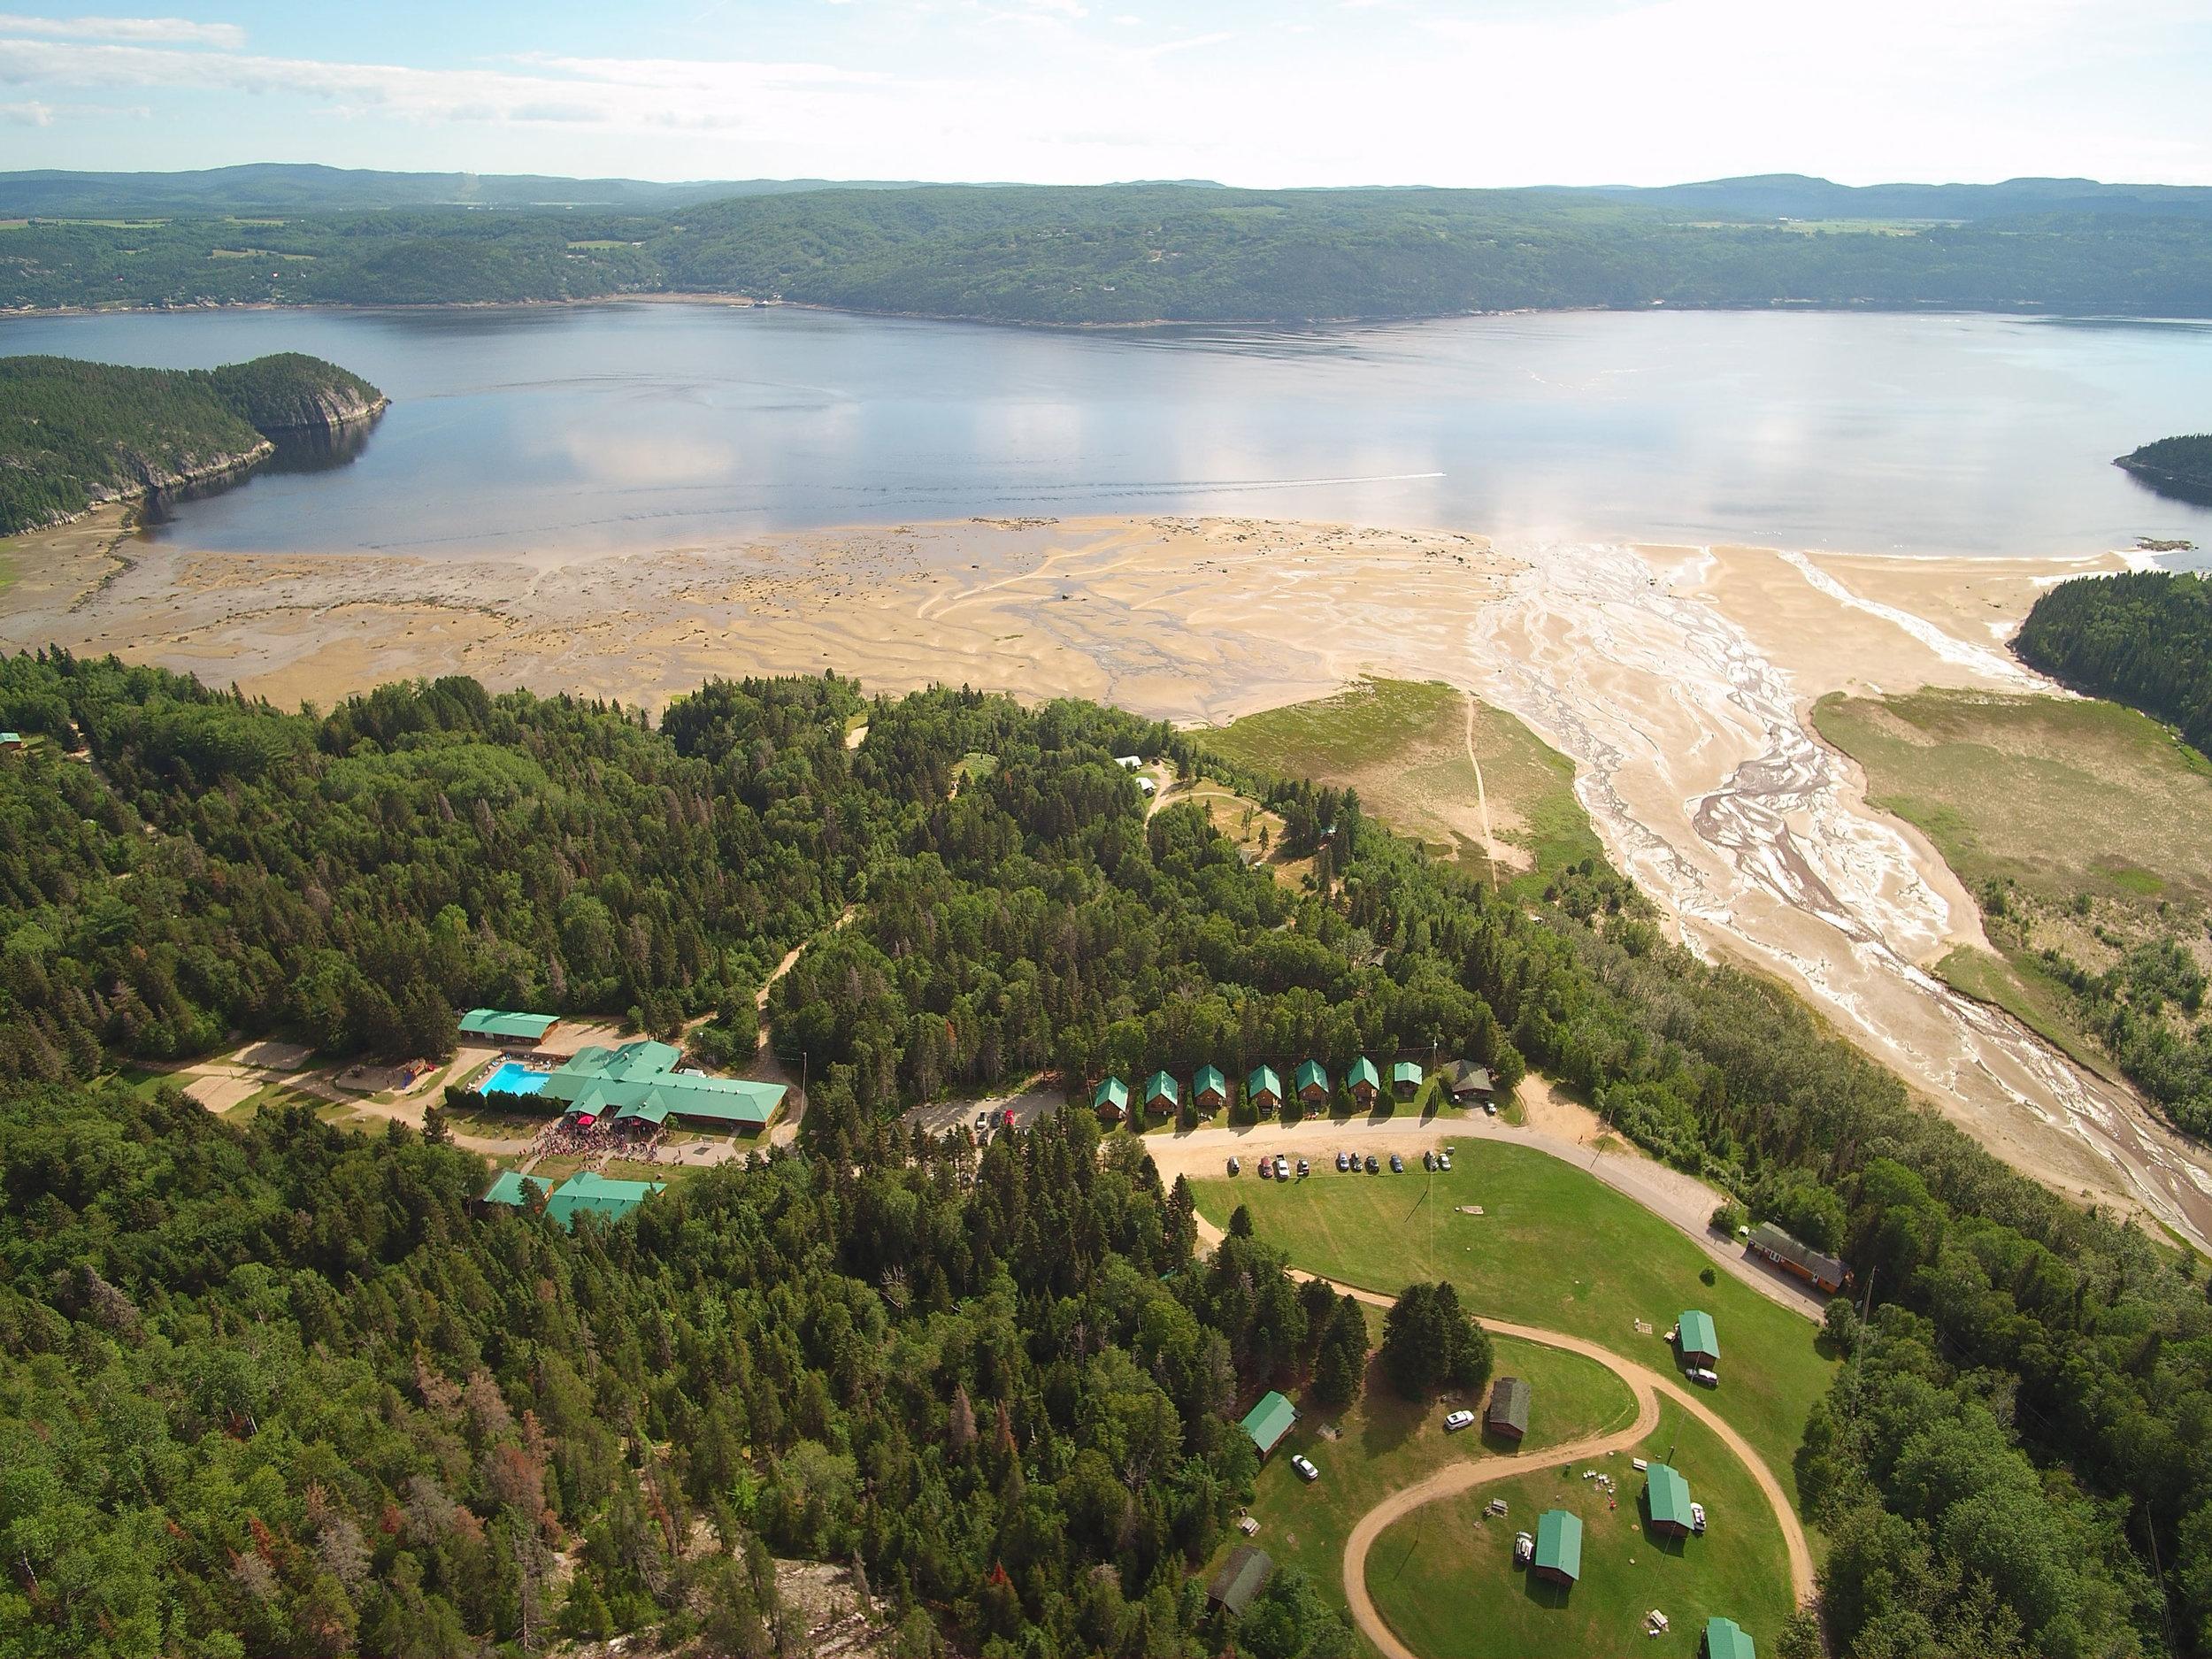 village-vacances-petit-saguenay-vacances-familiales-été-activités-camping-chalet-fjord